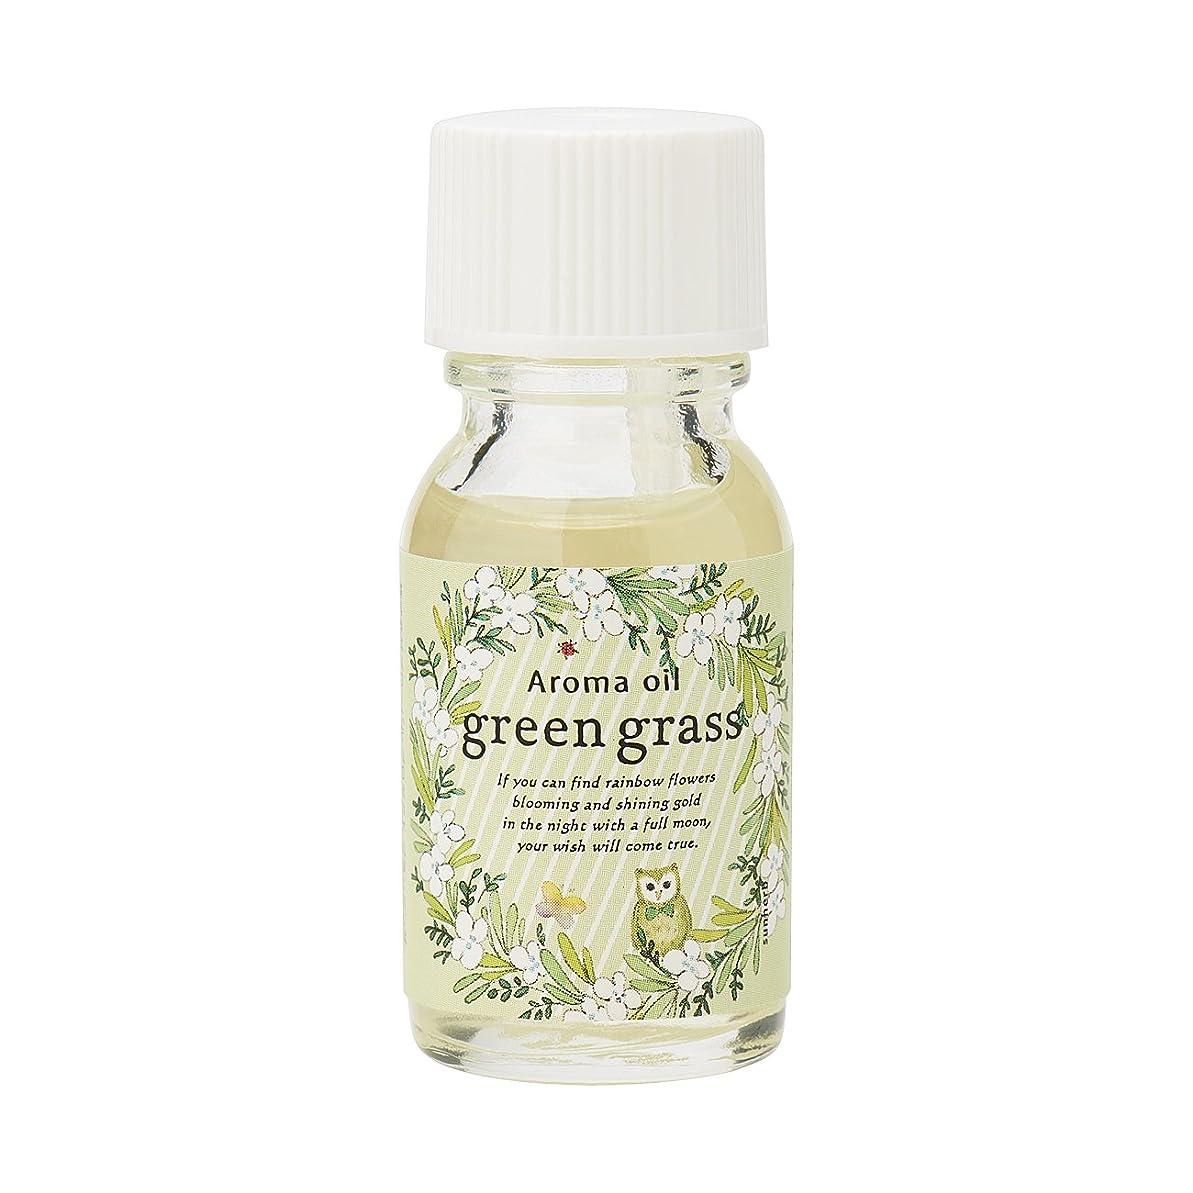 嘆願鼓舞する浴室サンハーブ アロマオイル グリーングラス 13ml(爽やかでちょっと大人の香り)